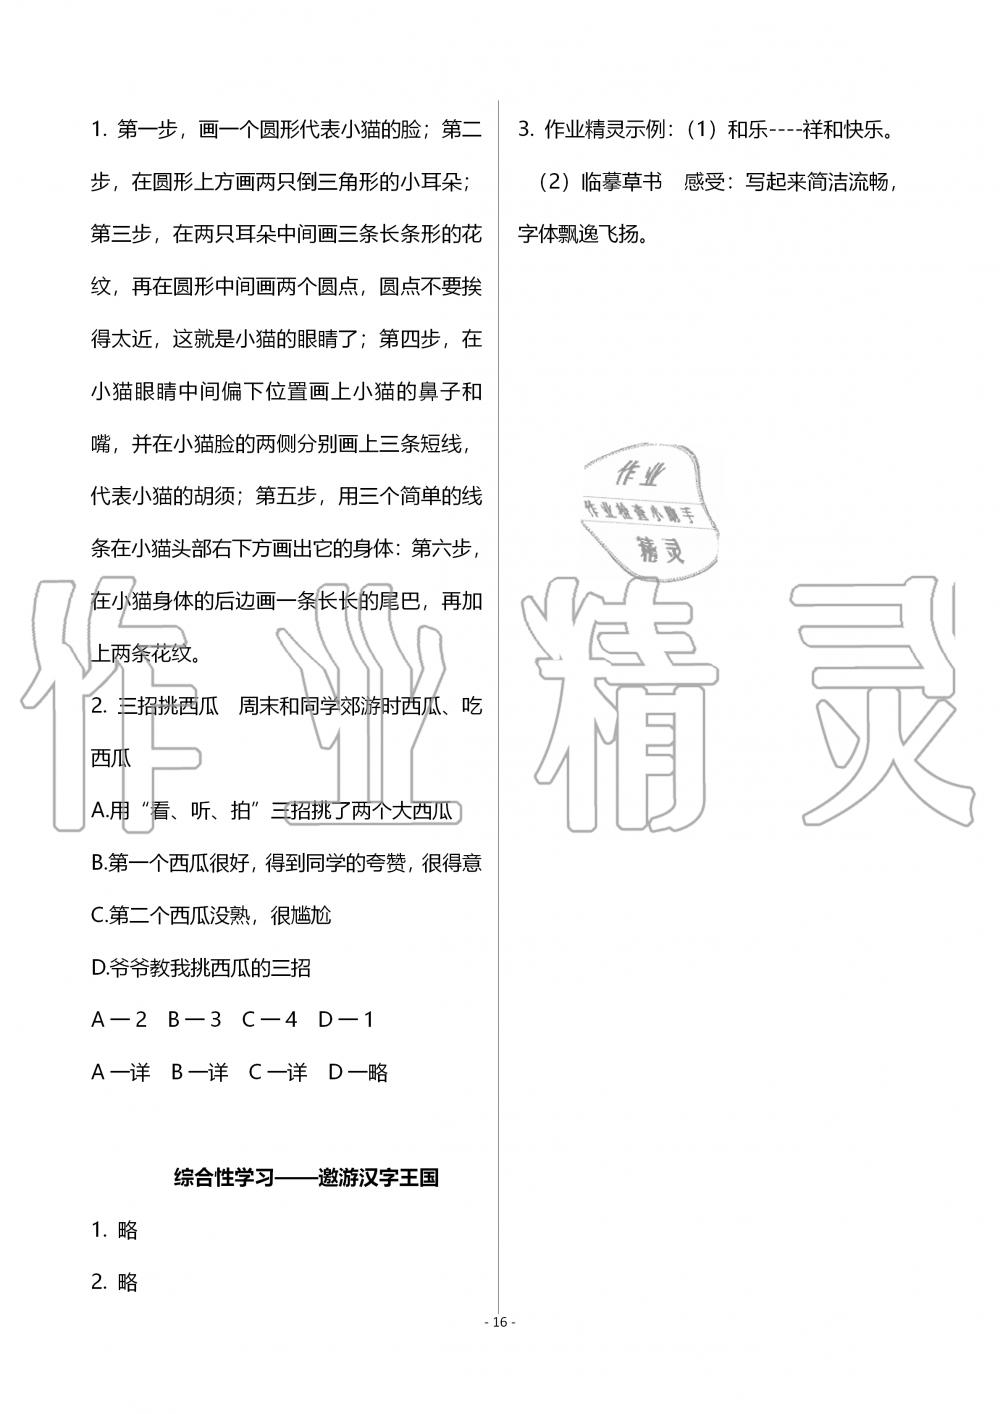 2019年语文练习部分六年级第一学期人教版五四制第16页